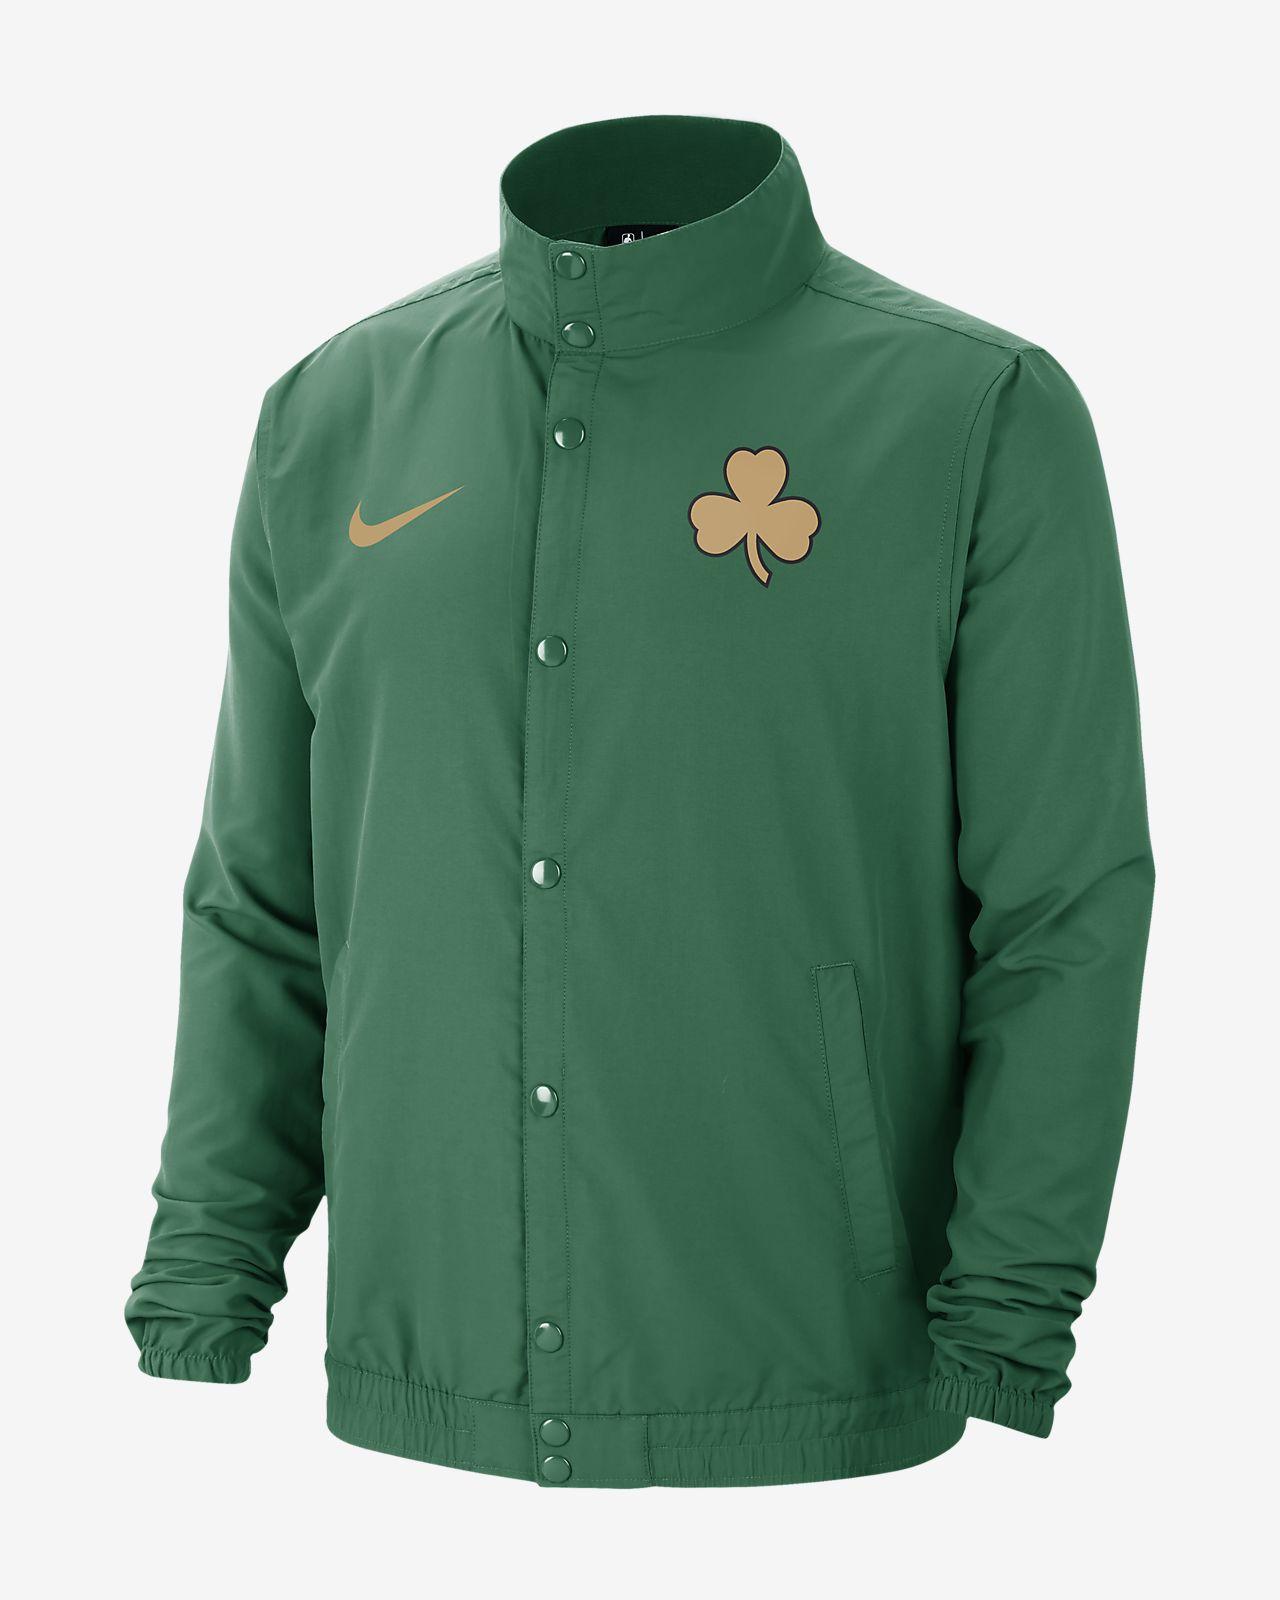 Veste Nike NBA Nike Celtics City Edition pour Homme